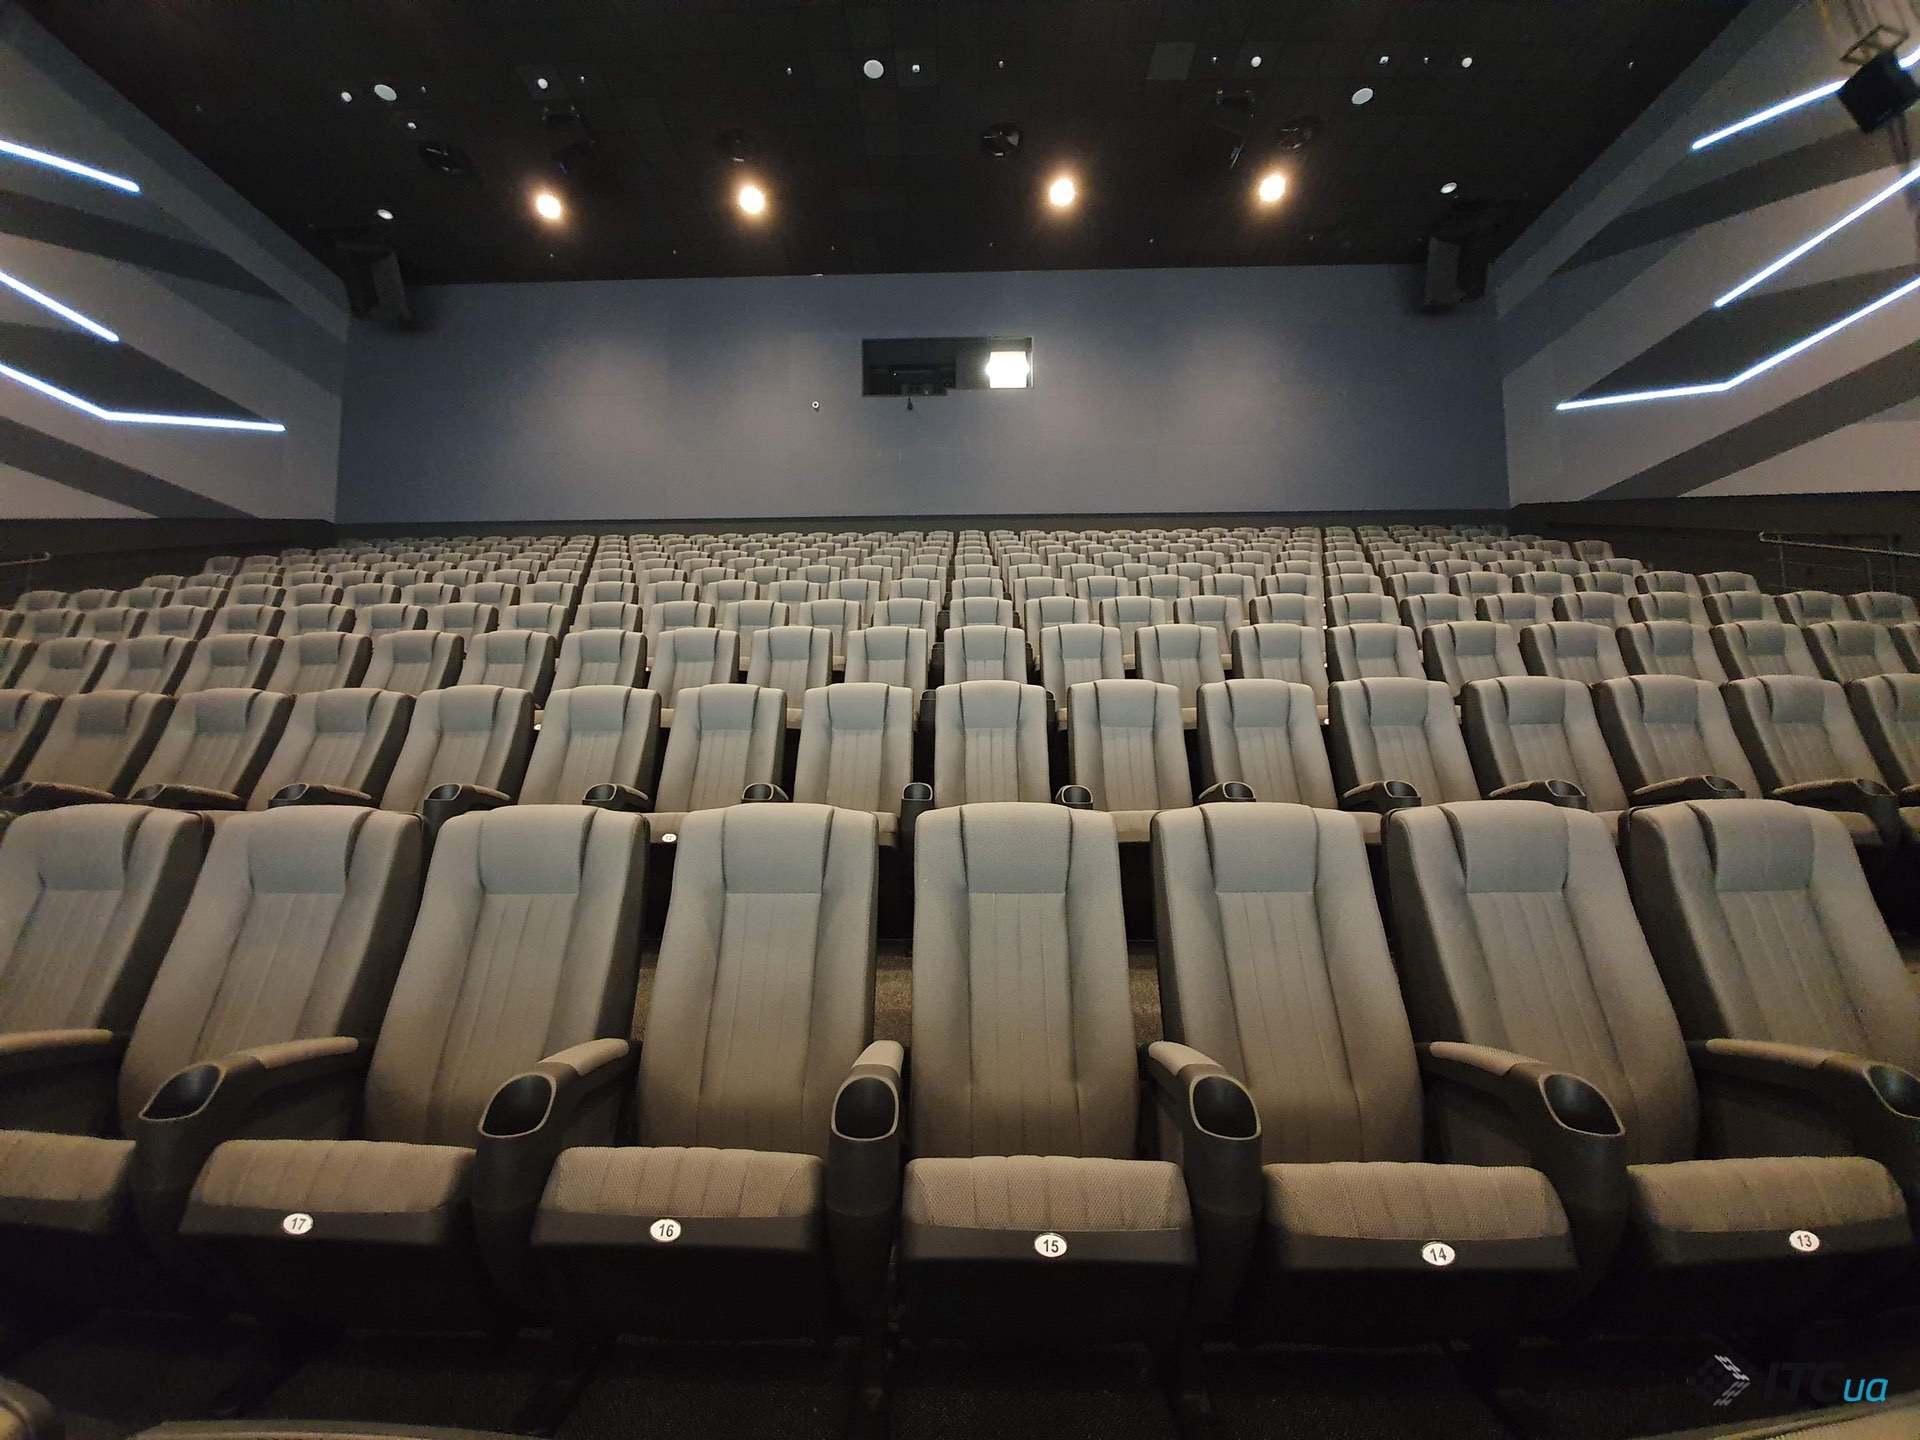 Лазер класса 4: Как выглядит кинозал и проектор IMAX with Laser в «Планете Кино»